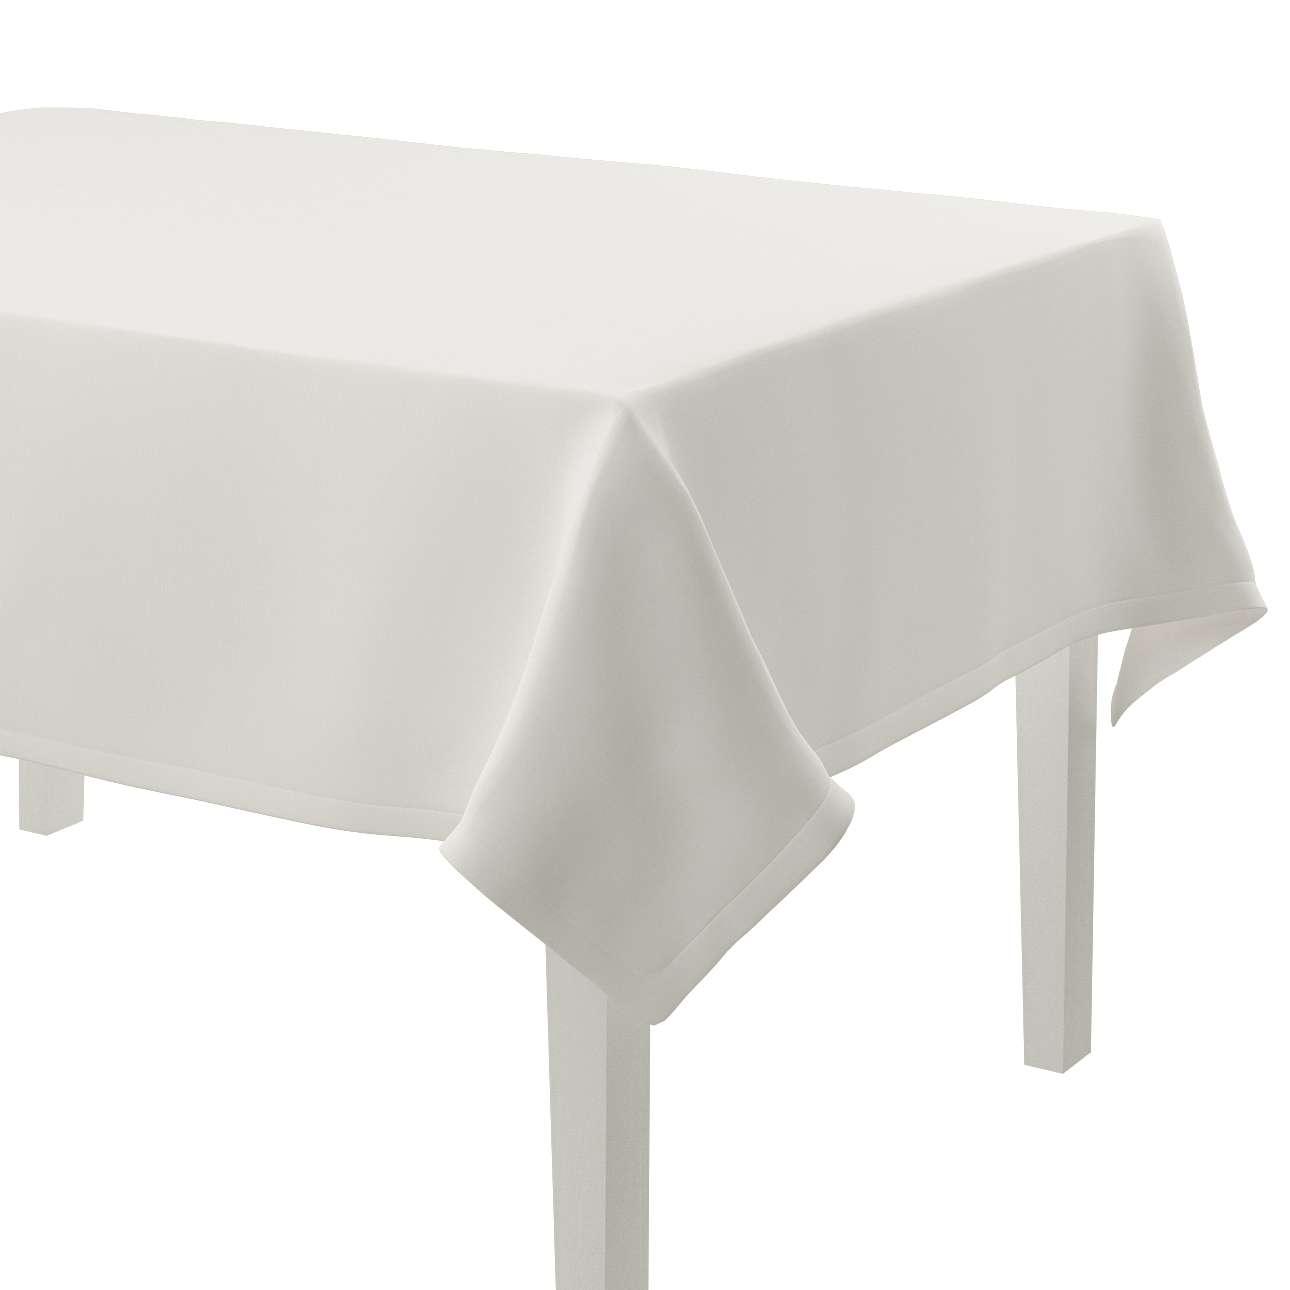 Rechteckige Tischdecke 130 x 130 cm von der Kollektion Cotton Panama, Stoff: 702-34